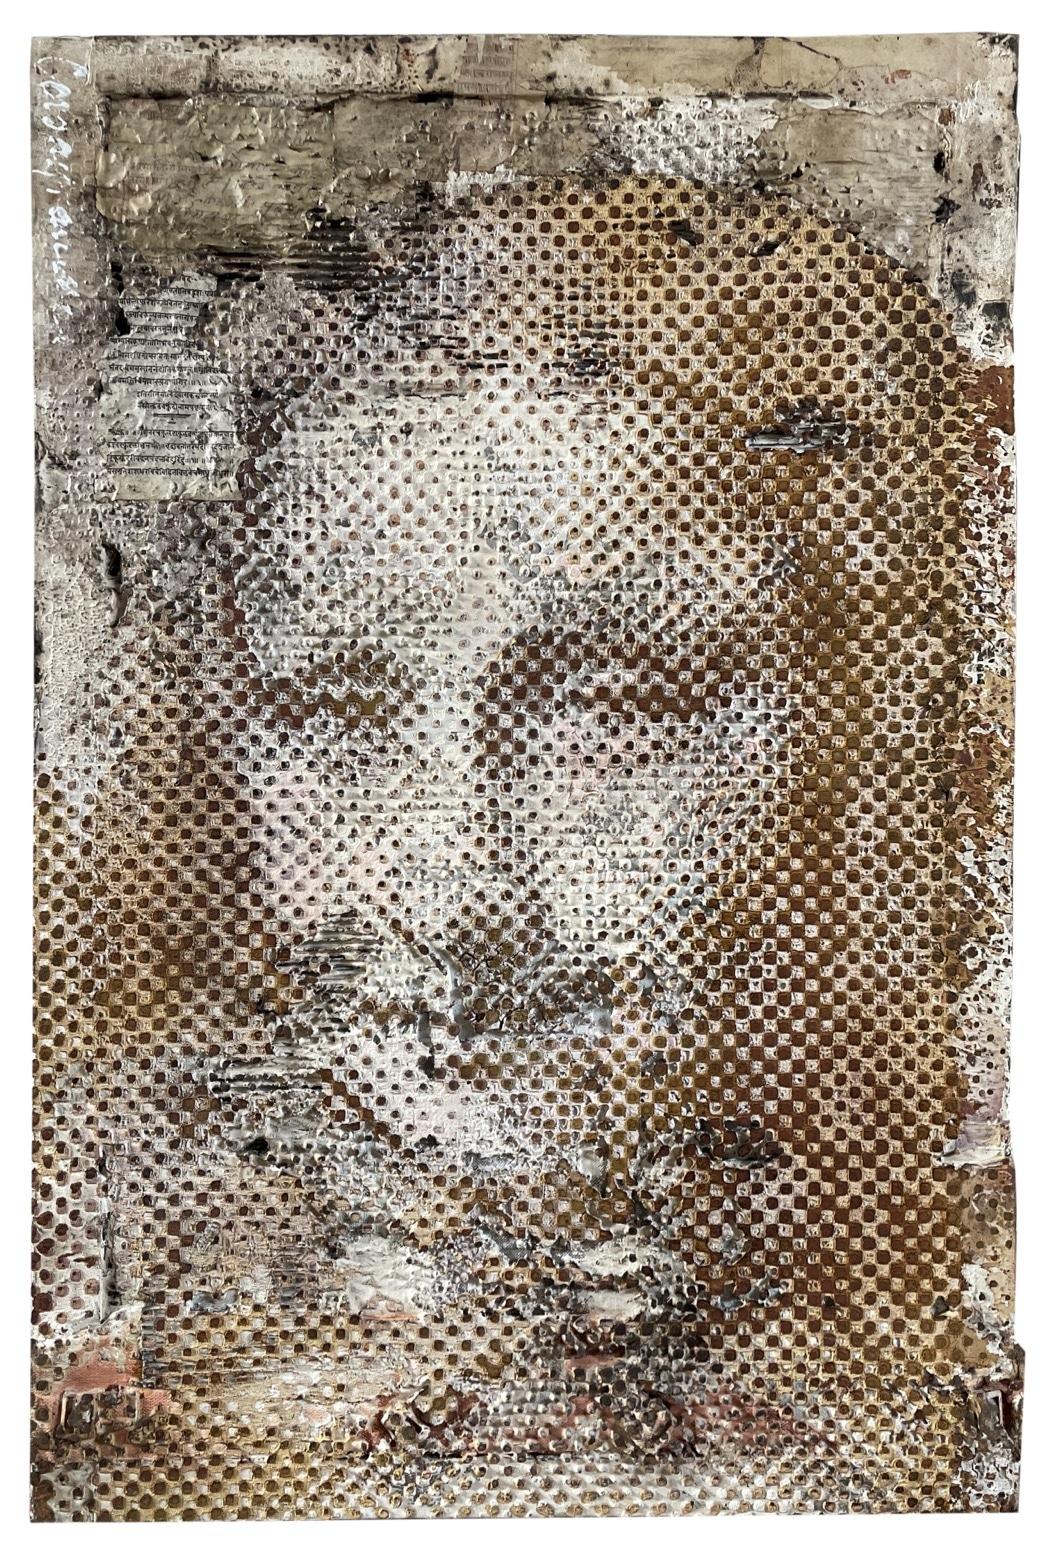 Brown Mona Lisa | 2021, 120x80cm